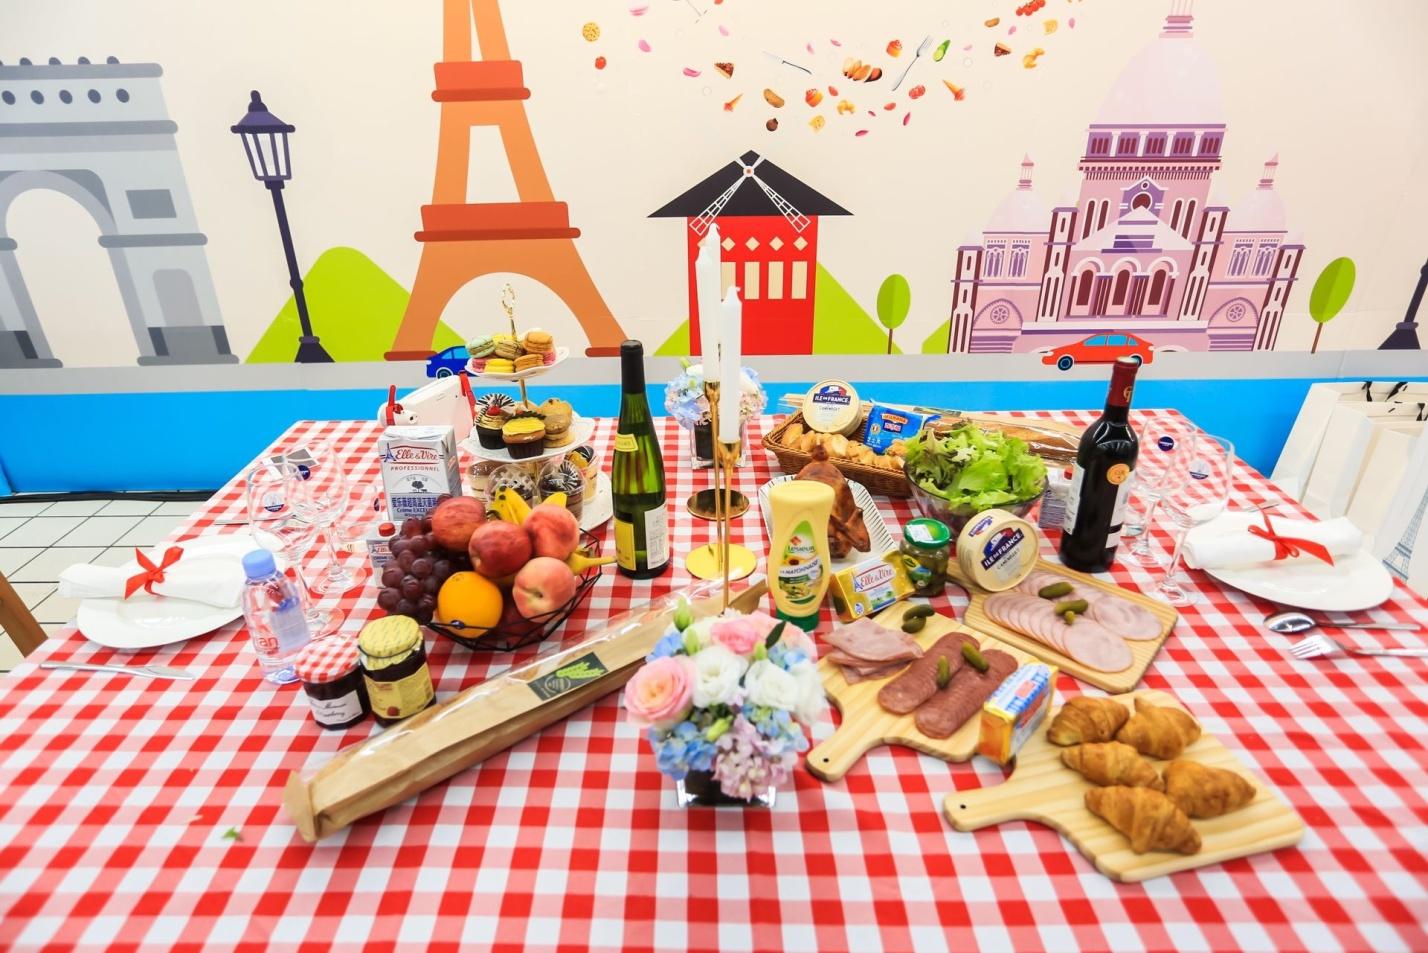 消费者的味蕾盛宴 法国美食周在上海家乐福开幕